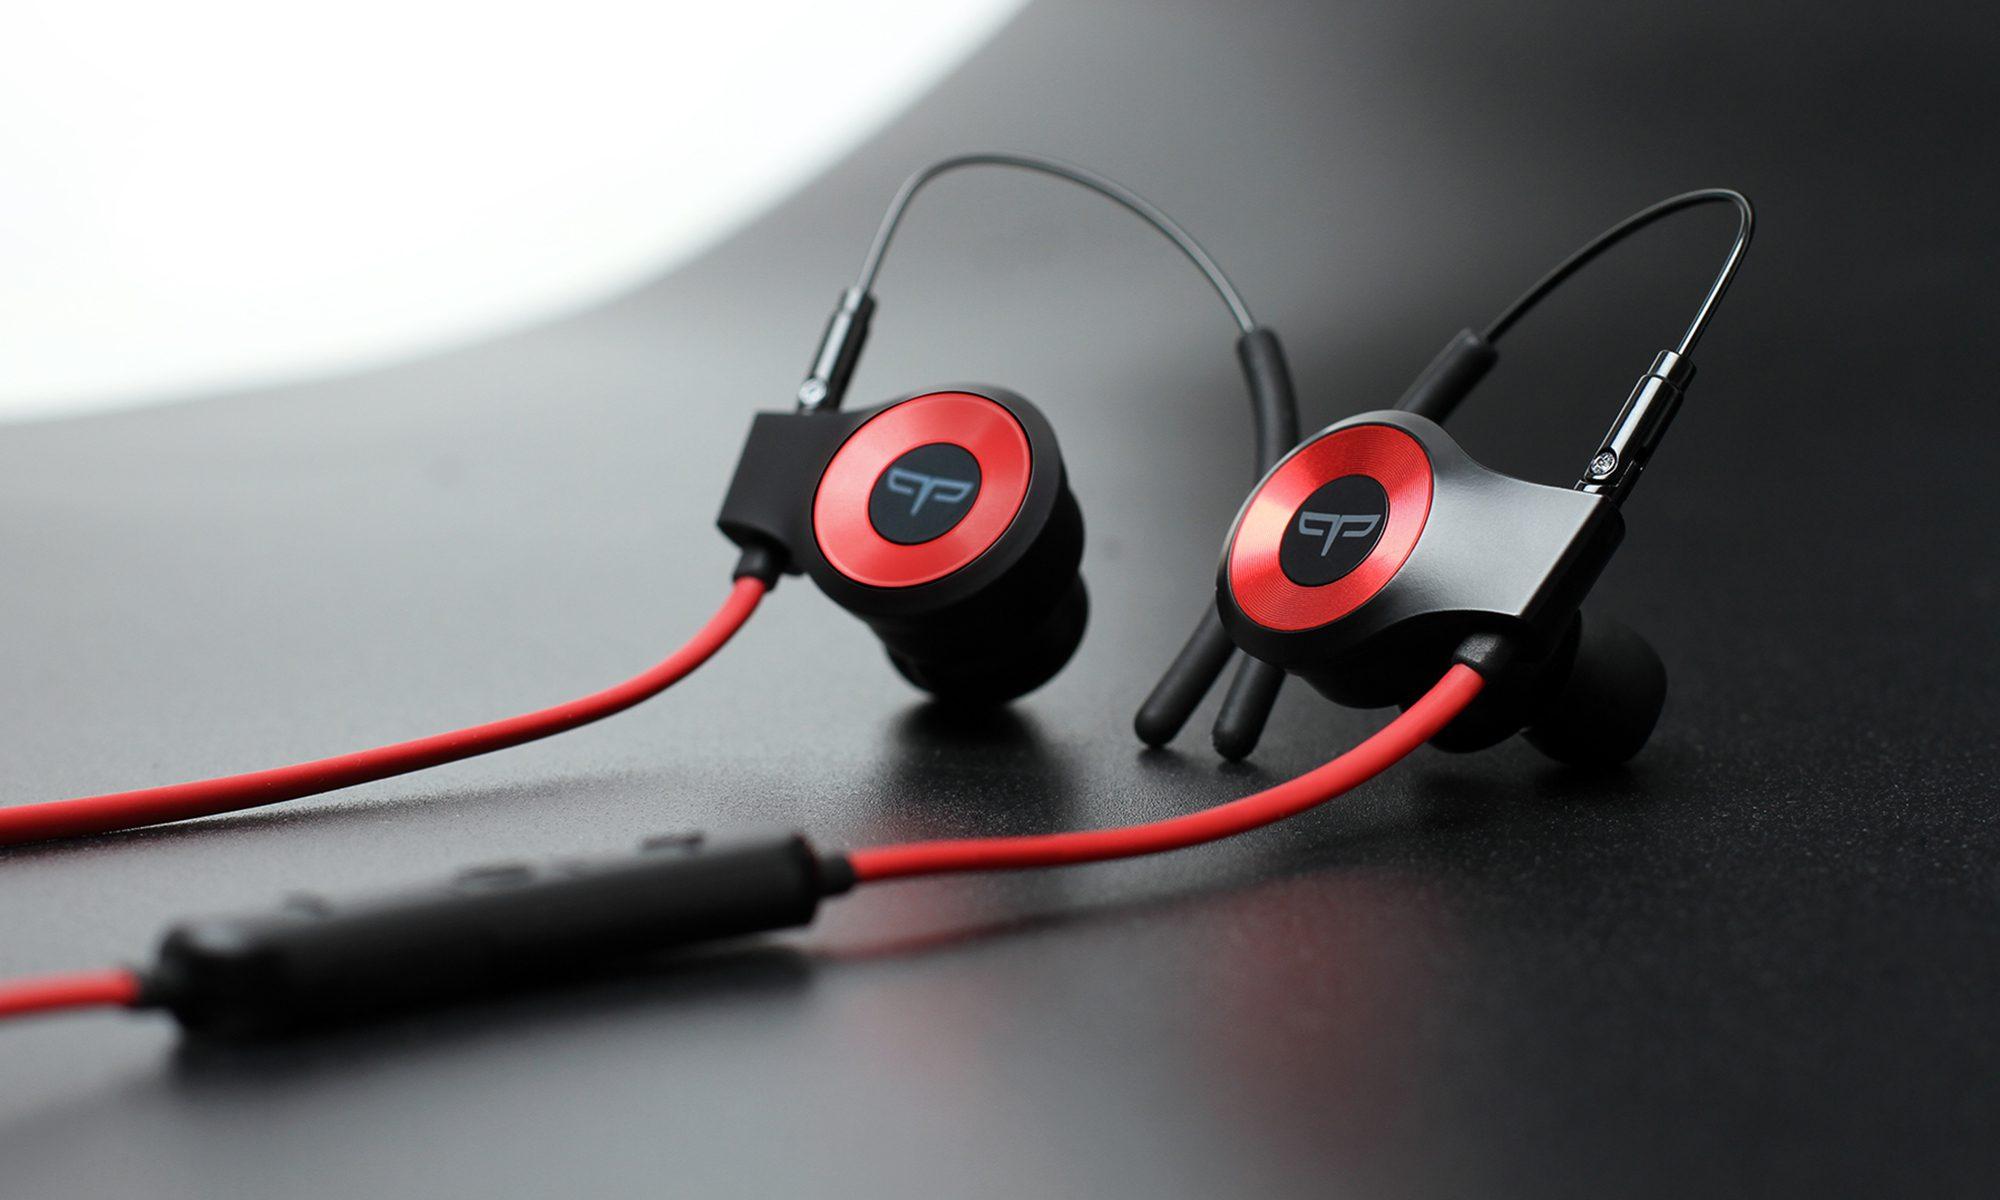 Giveaway – Win an Origem HS-3 Bluetooth Headphones